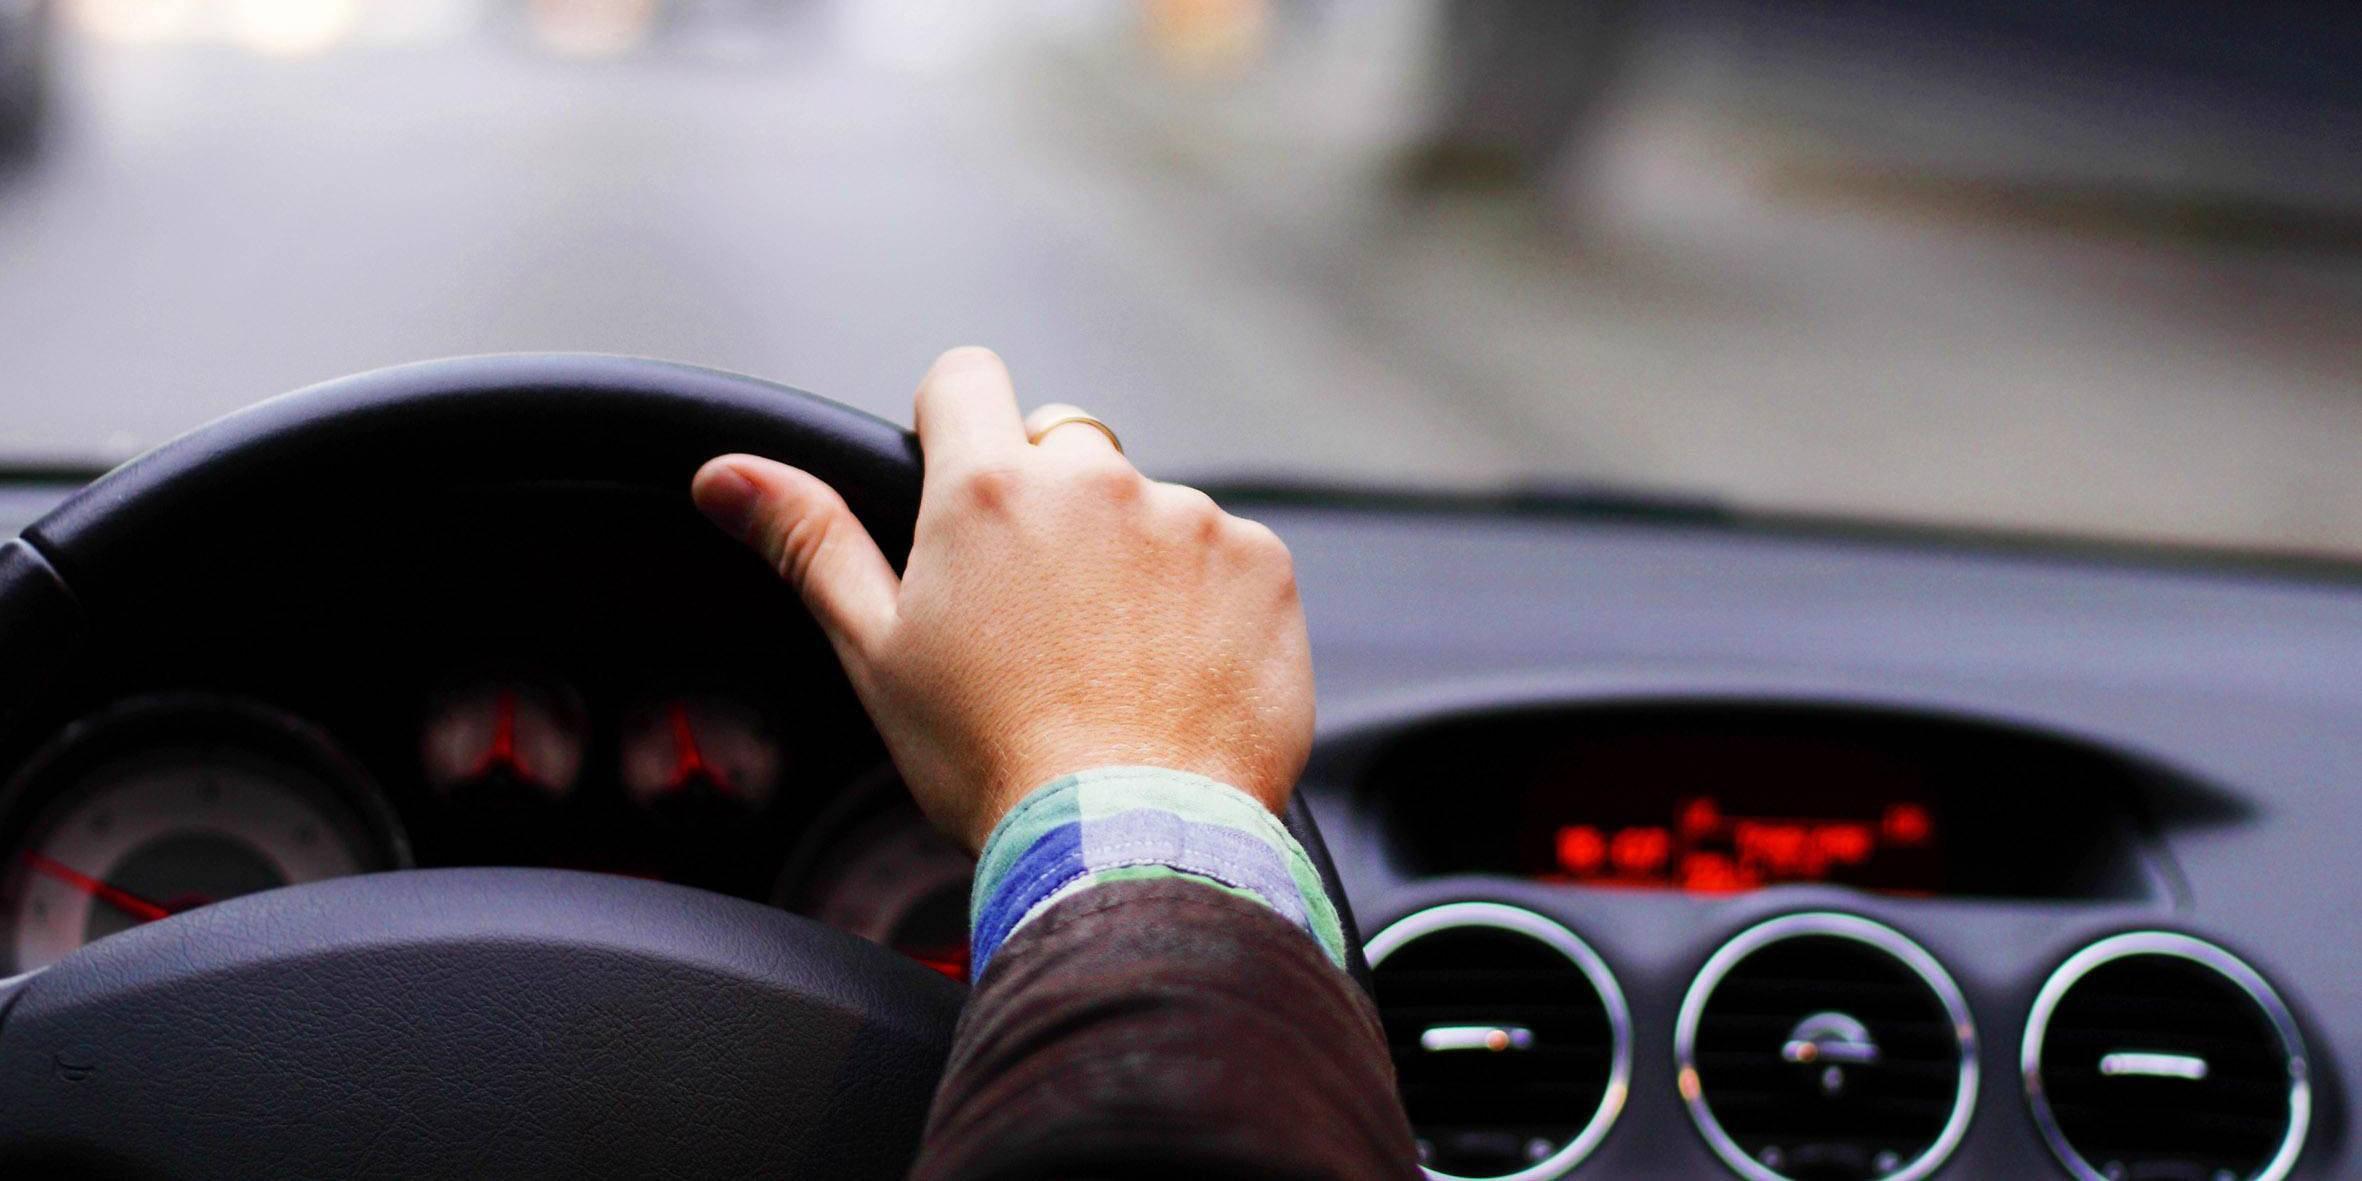 Hatékony vezetési stílus, CAN-BUS